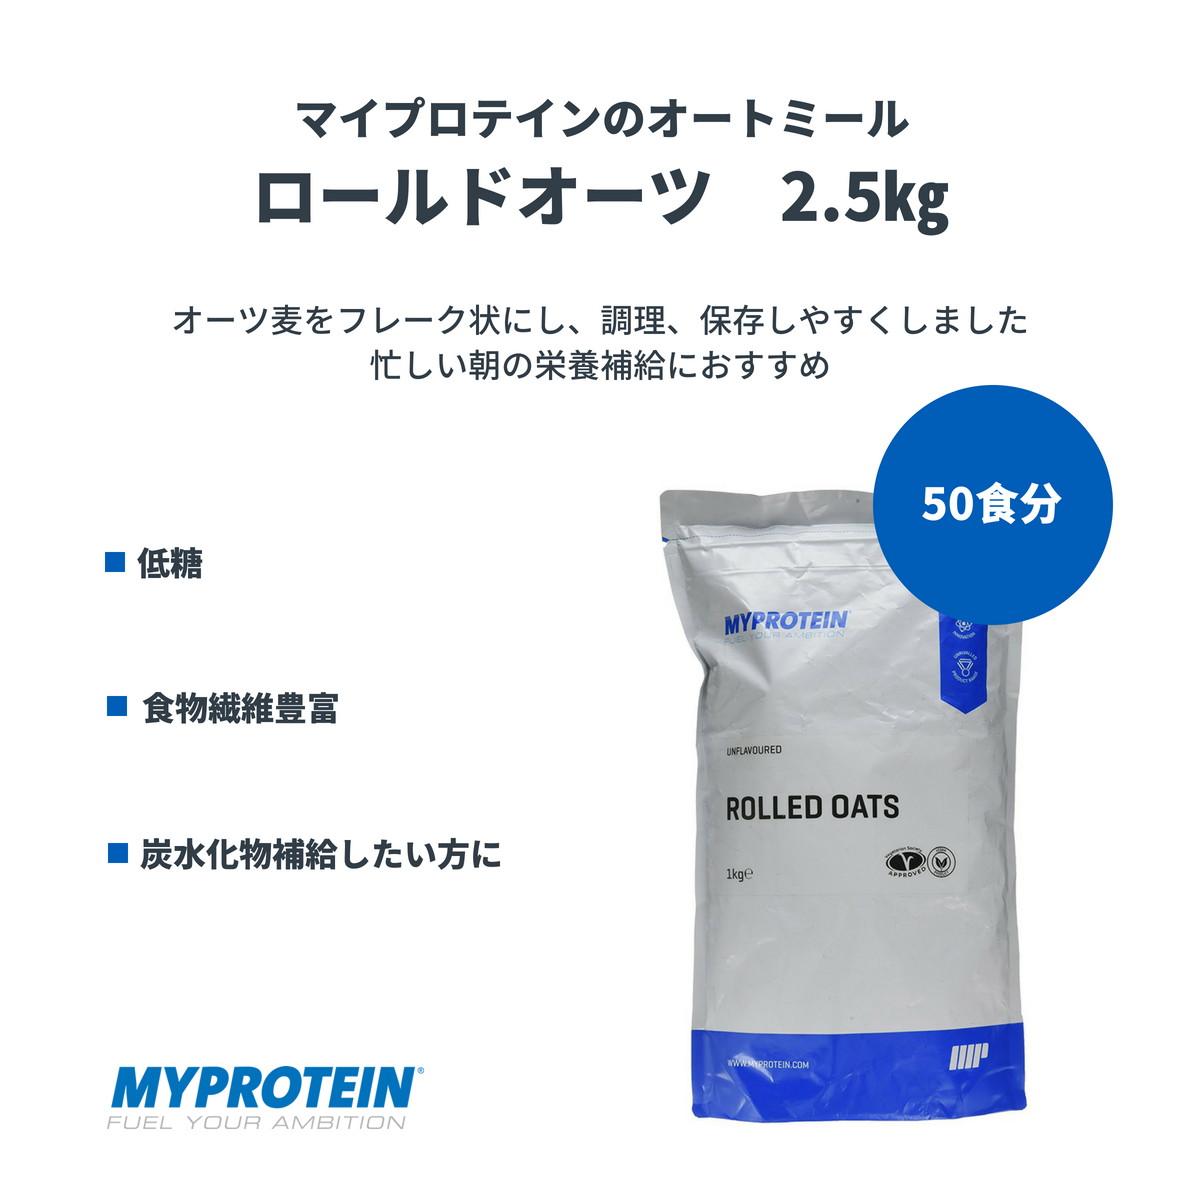 マイプロテイン 公式 【MyProtein】 ロールド オーツ (押し麦) 2.5kg 約50食分| シリアル オートミール 高たんぱく 低糖質 低糖 糖質制限 食物繊維 低脂肪【楽天海外直送】